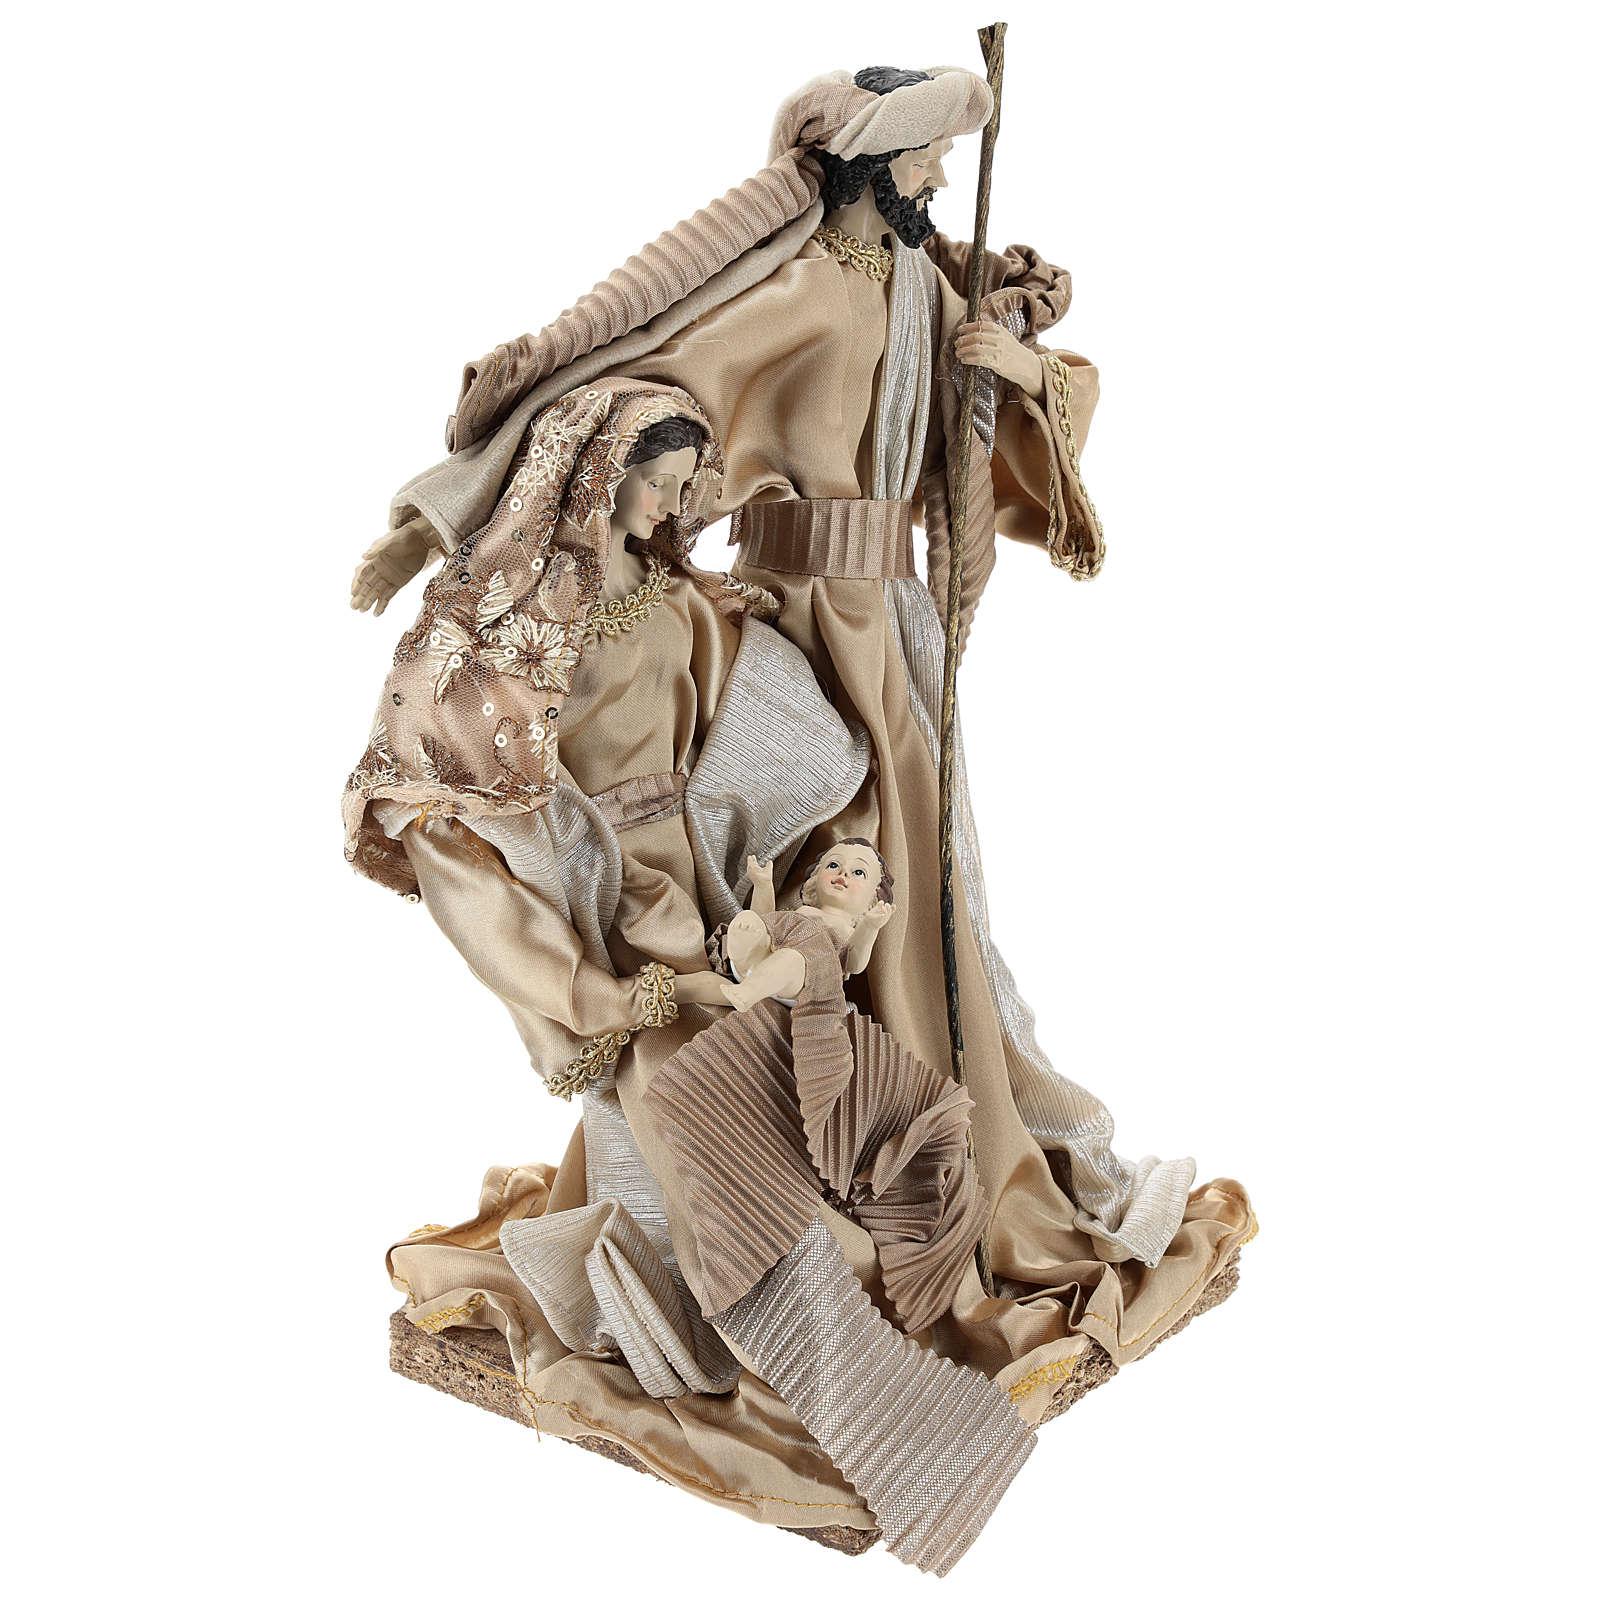 Nativité 31 cm résine et tissu finition dorée 3